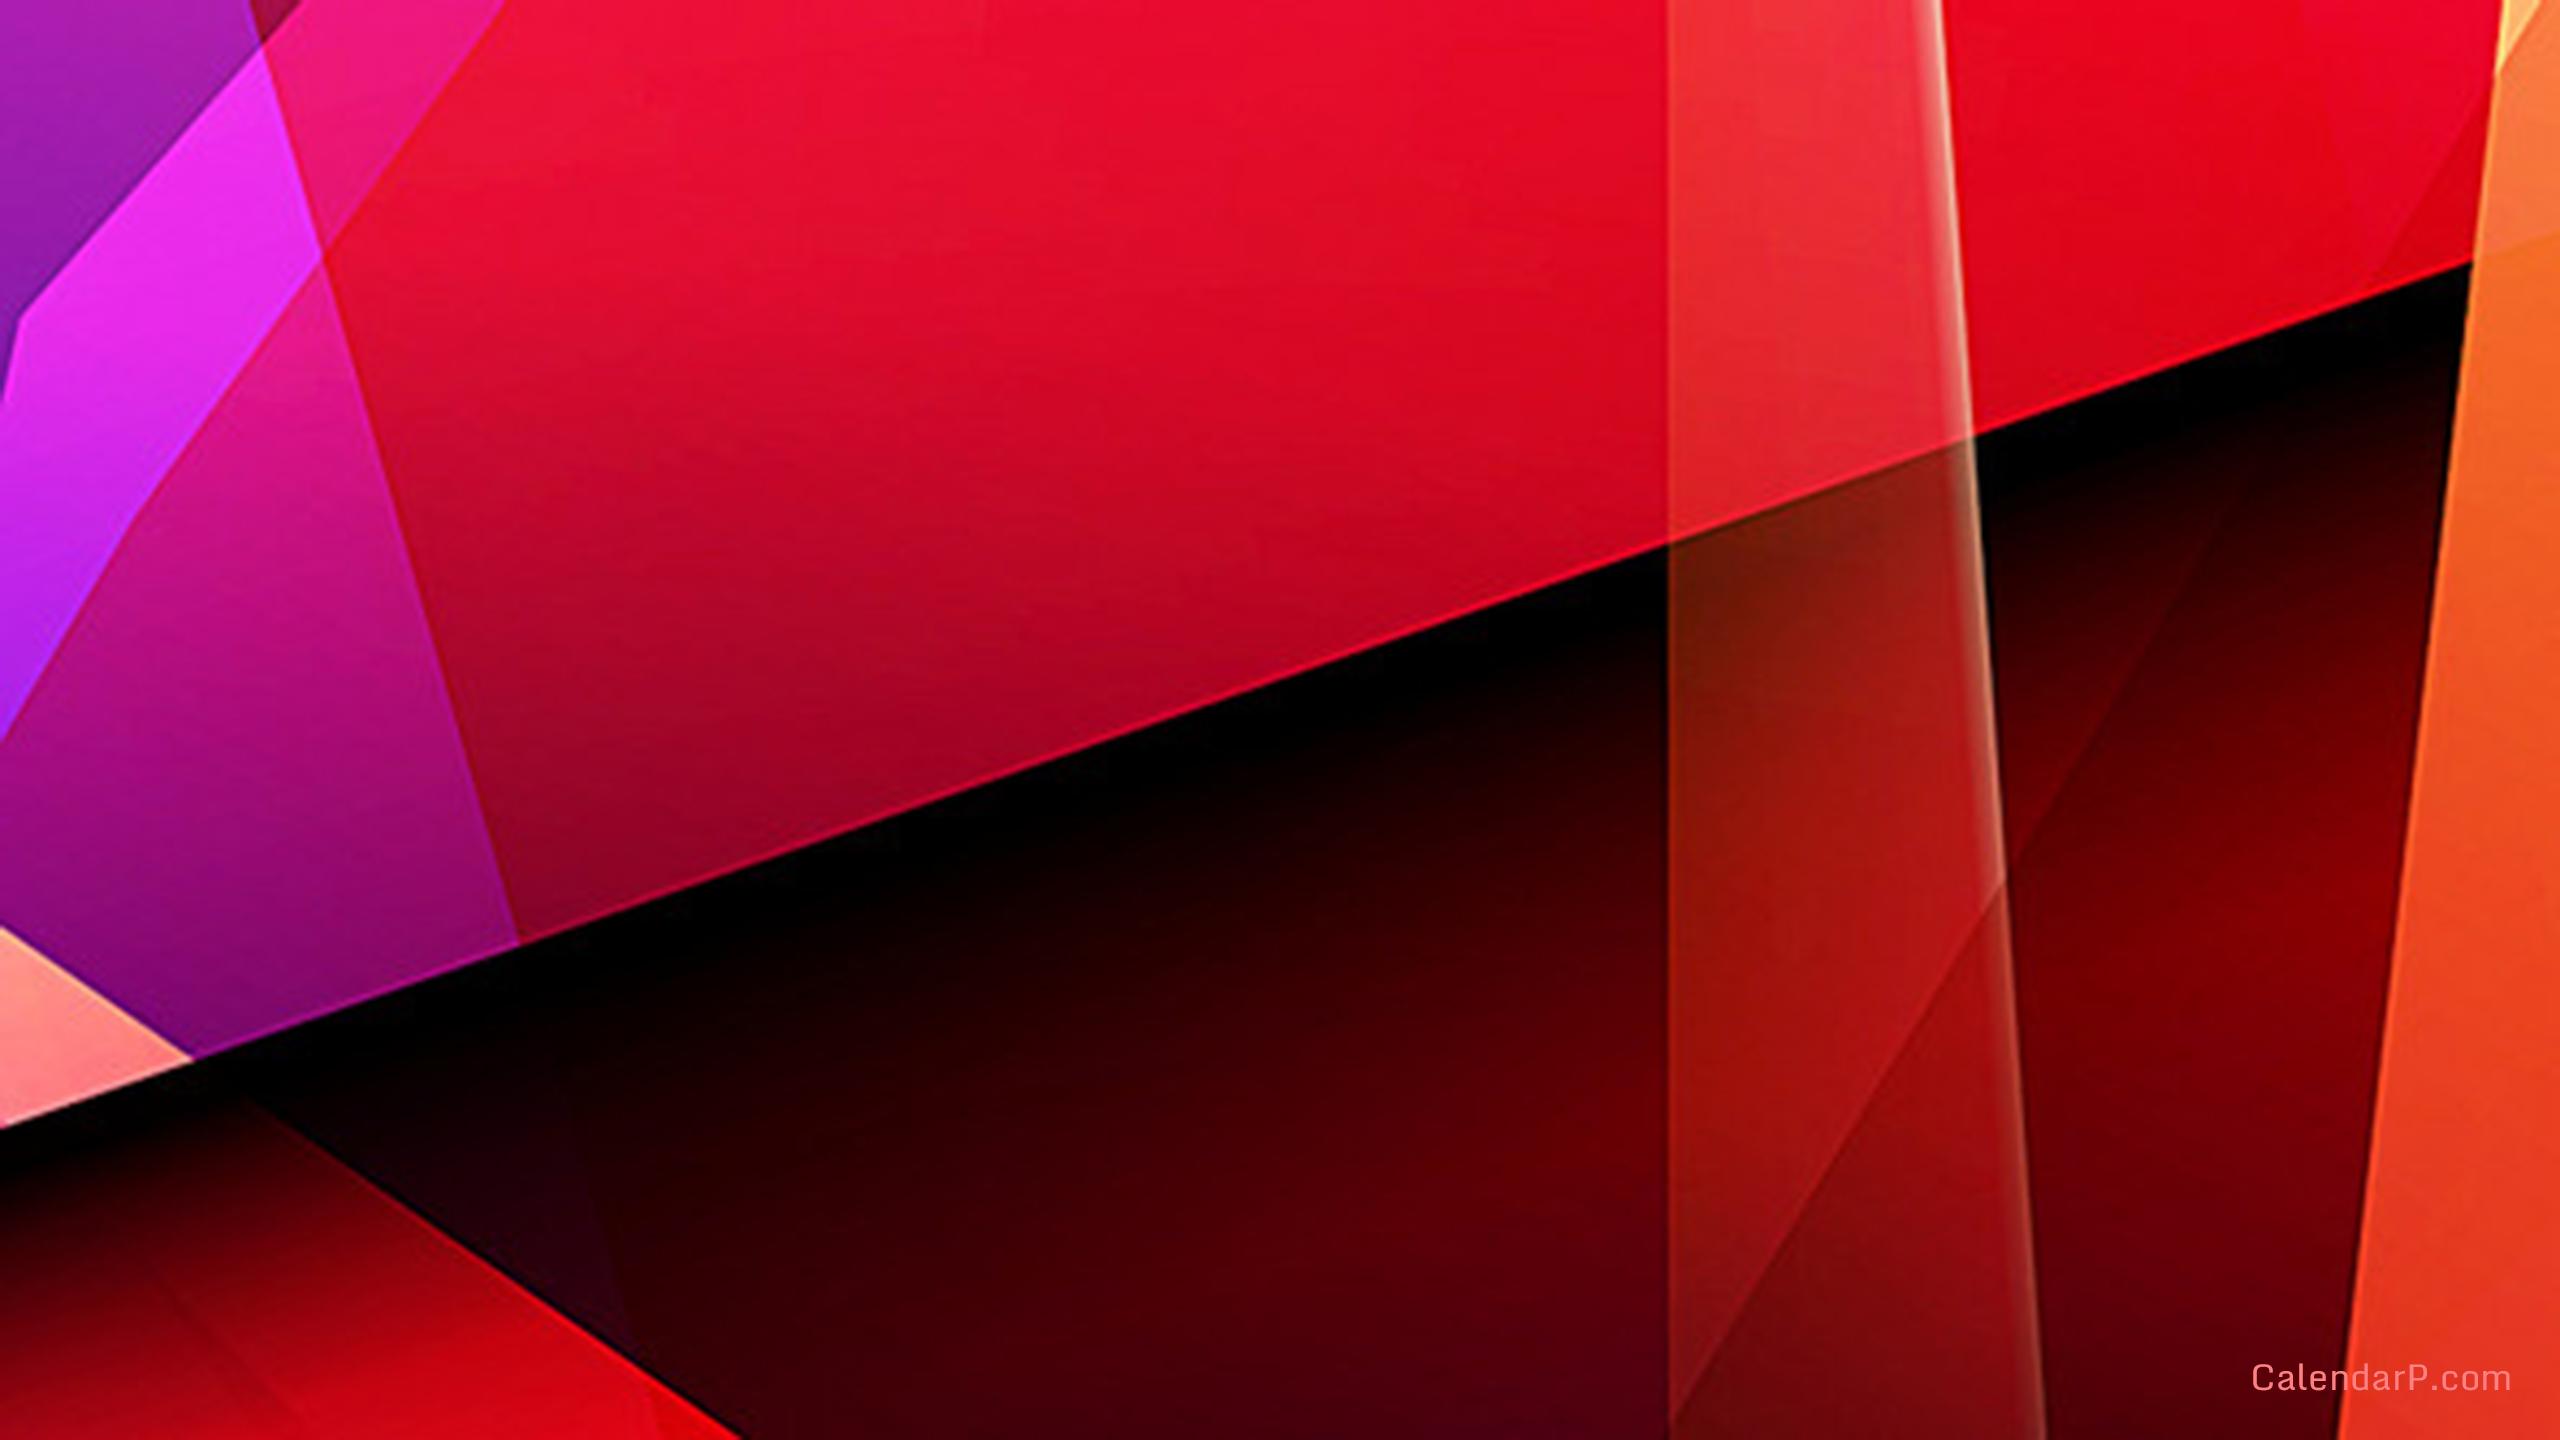 Red Youtube Channel Art - HD Wallpaper